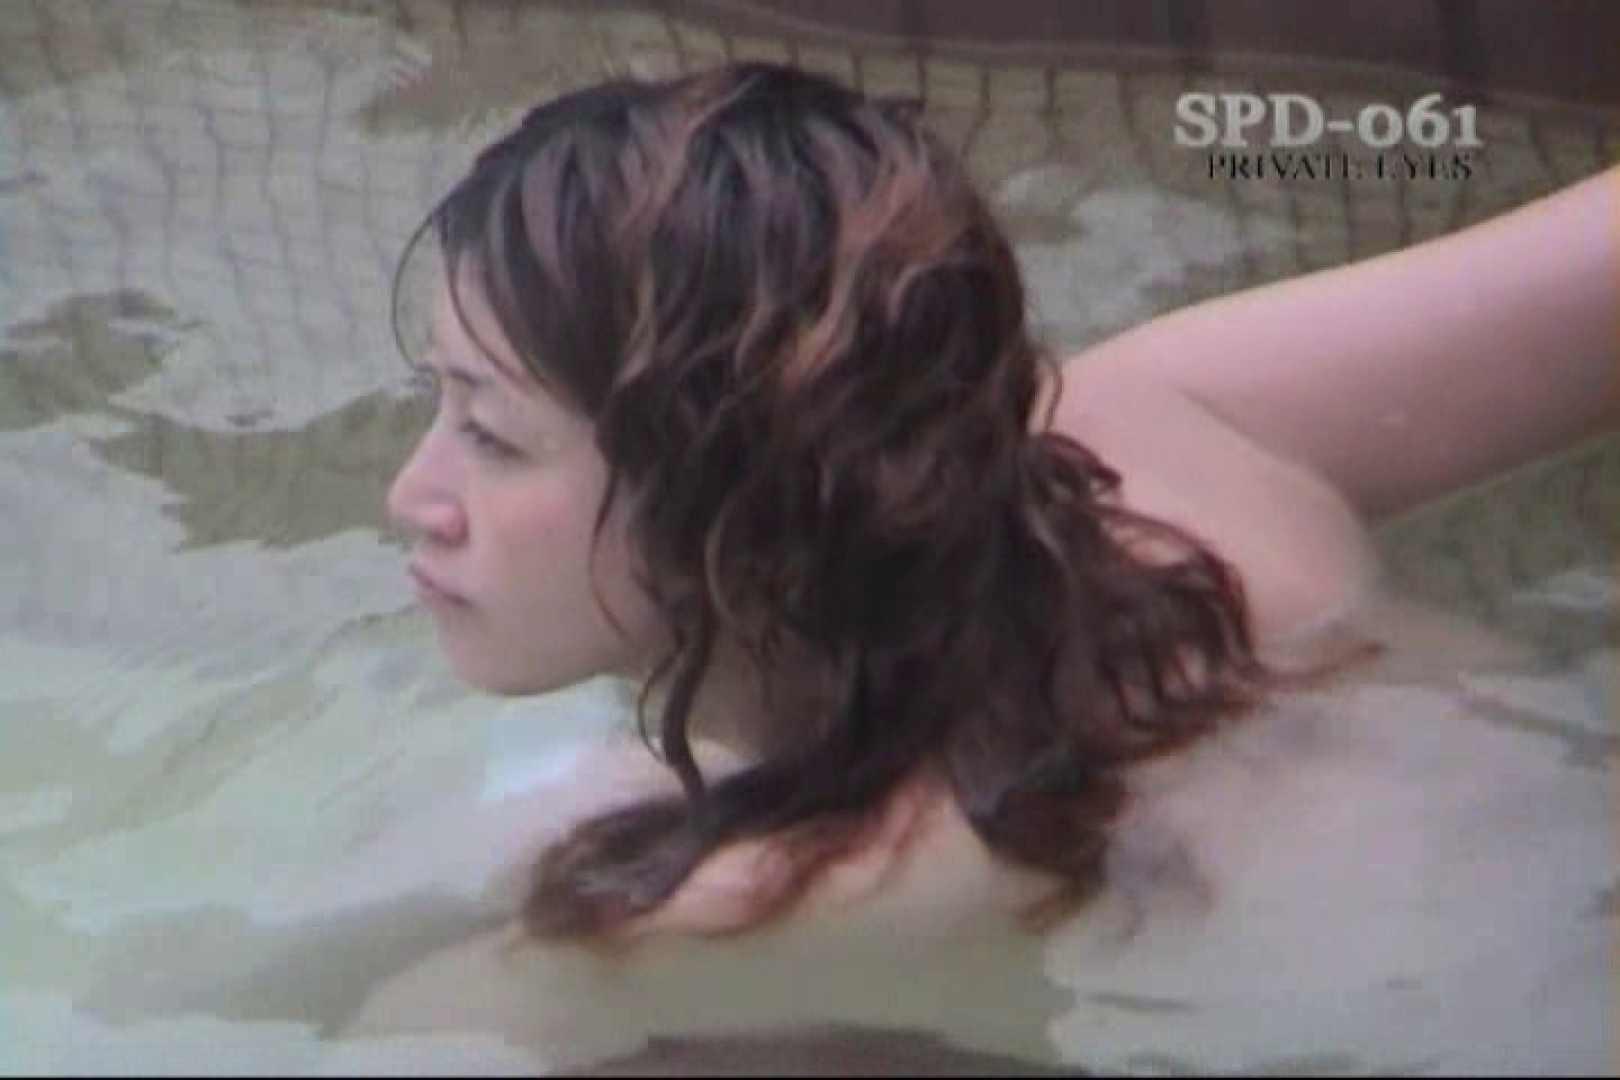 高画質版!SPD-061 新・露天浴場 8 人妻編 プライベート  95pic 95